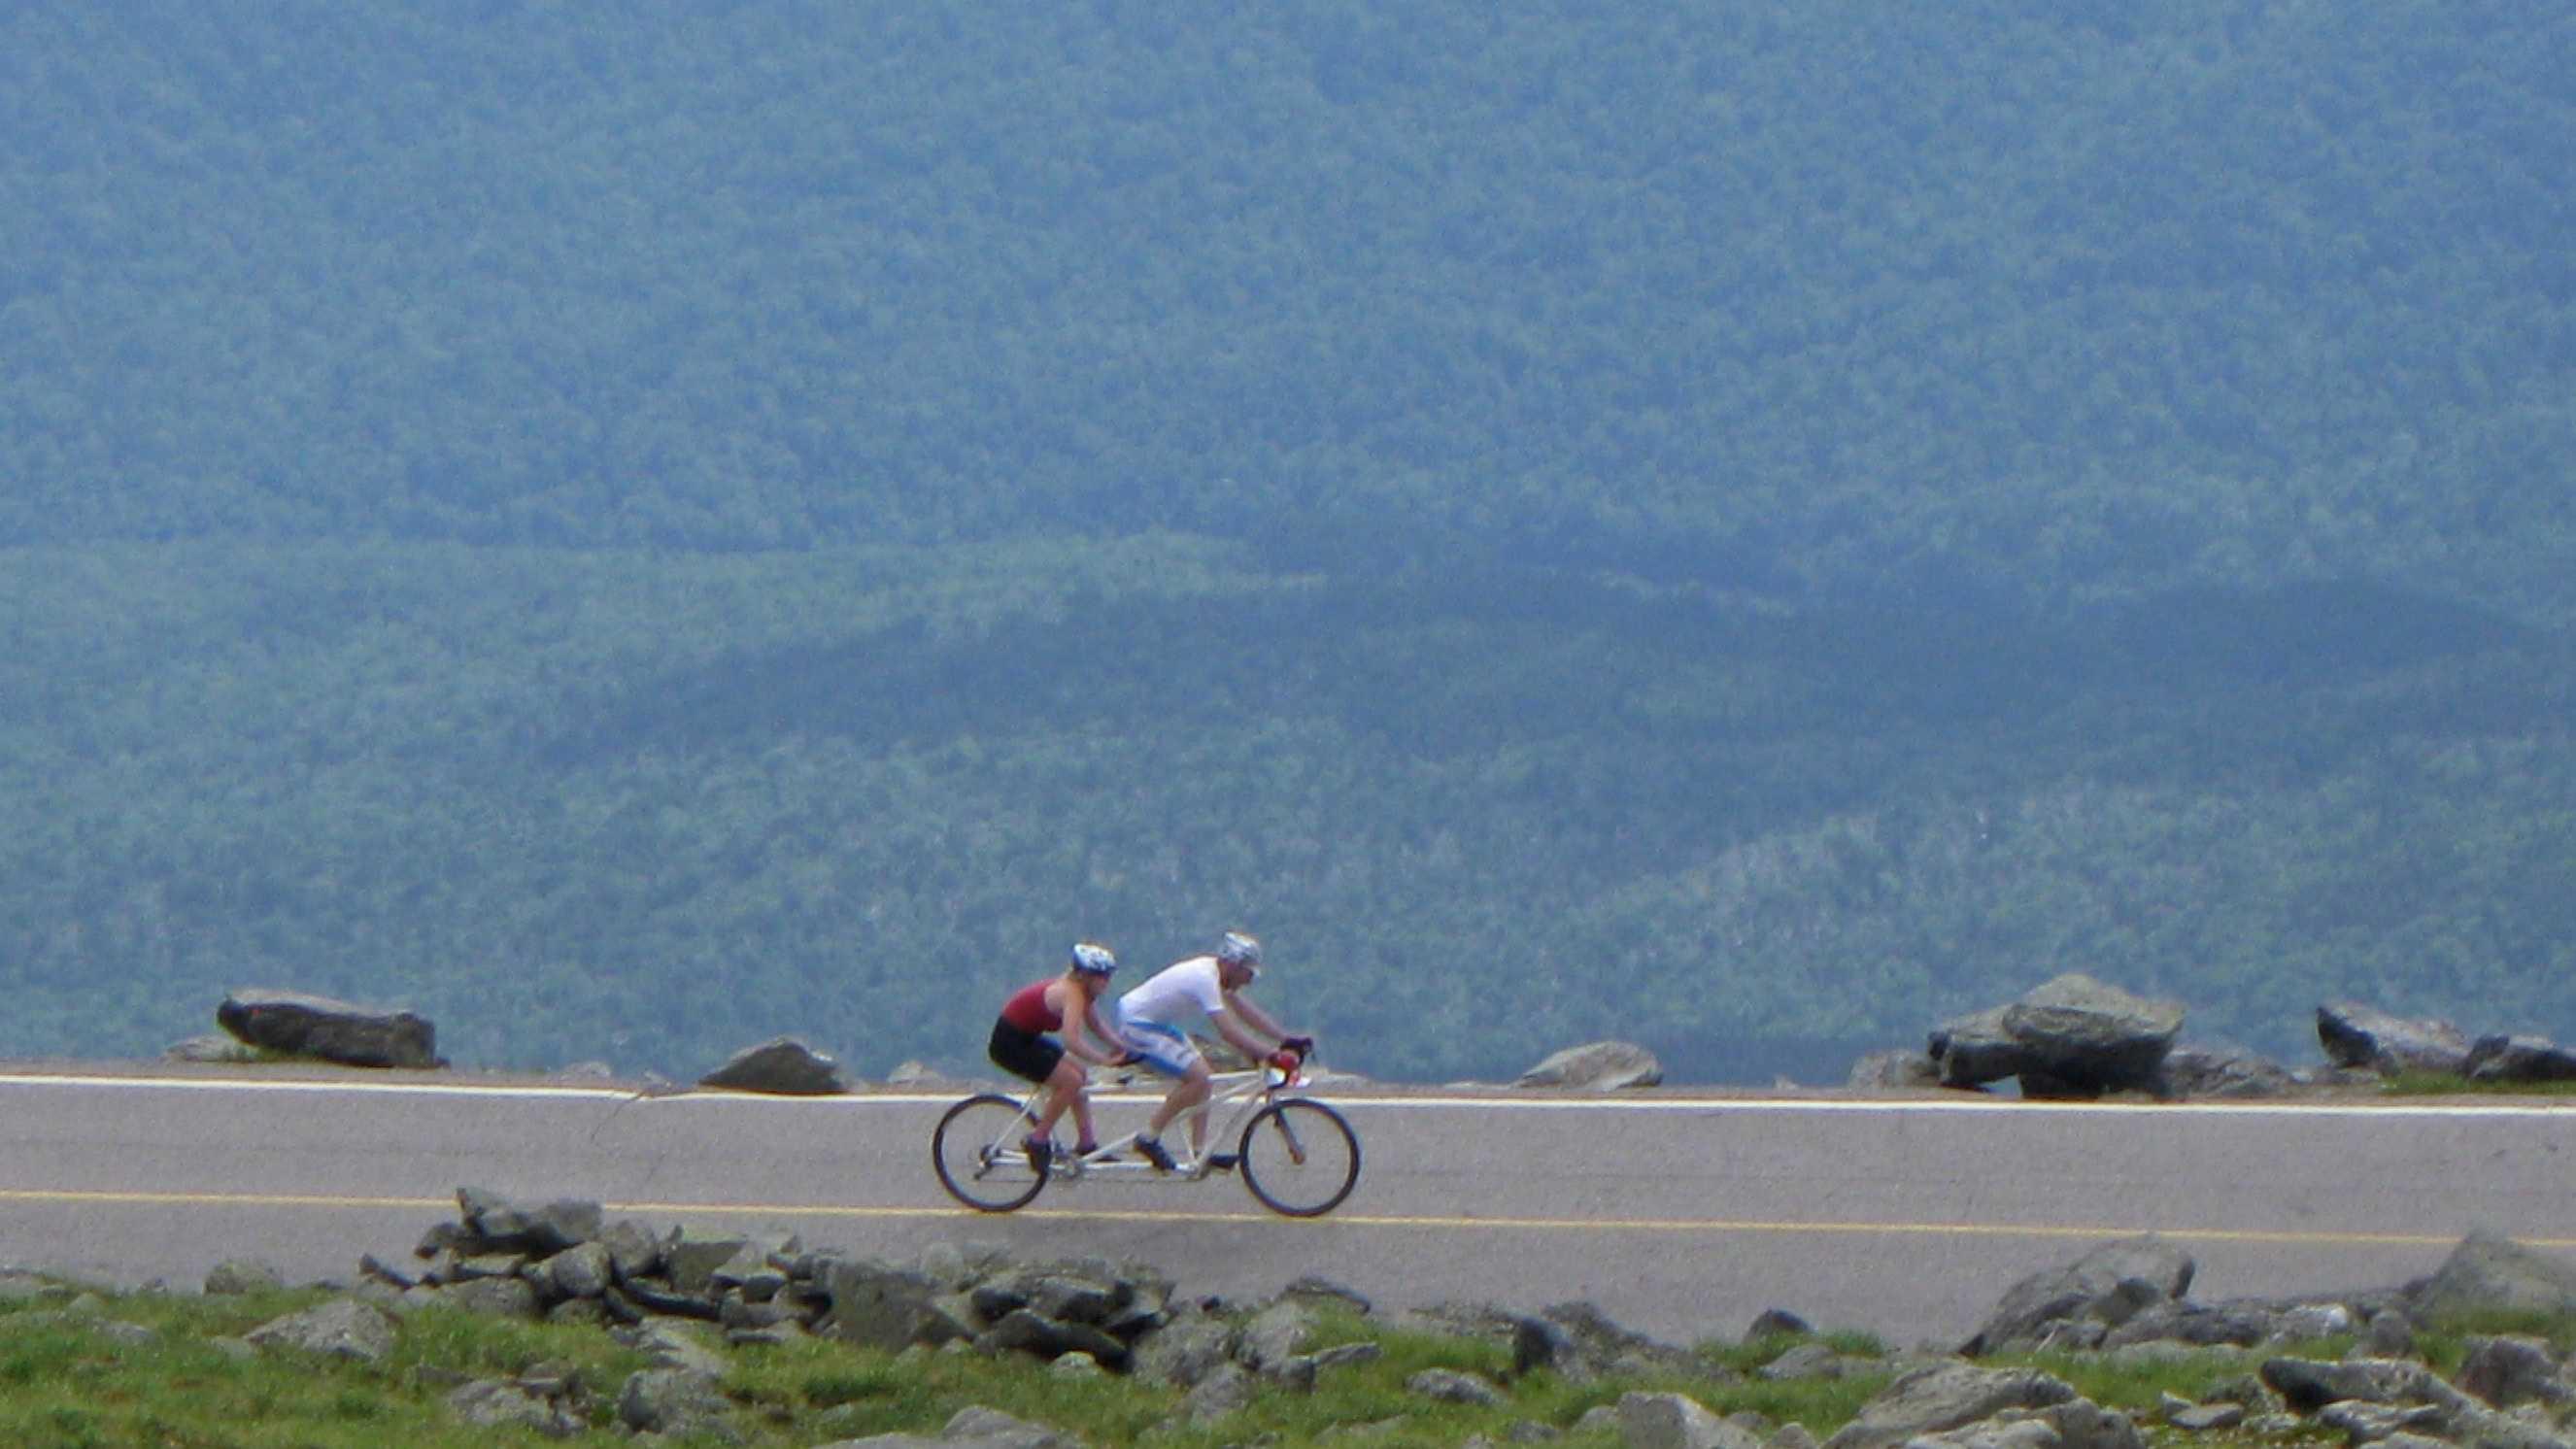 group-bike-riding-529.jpg